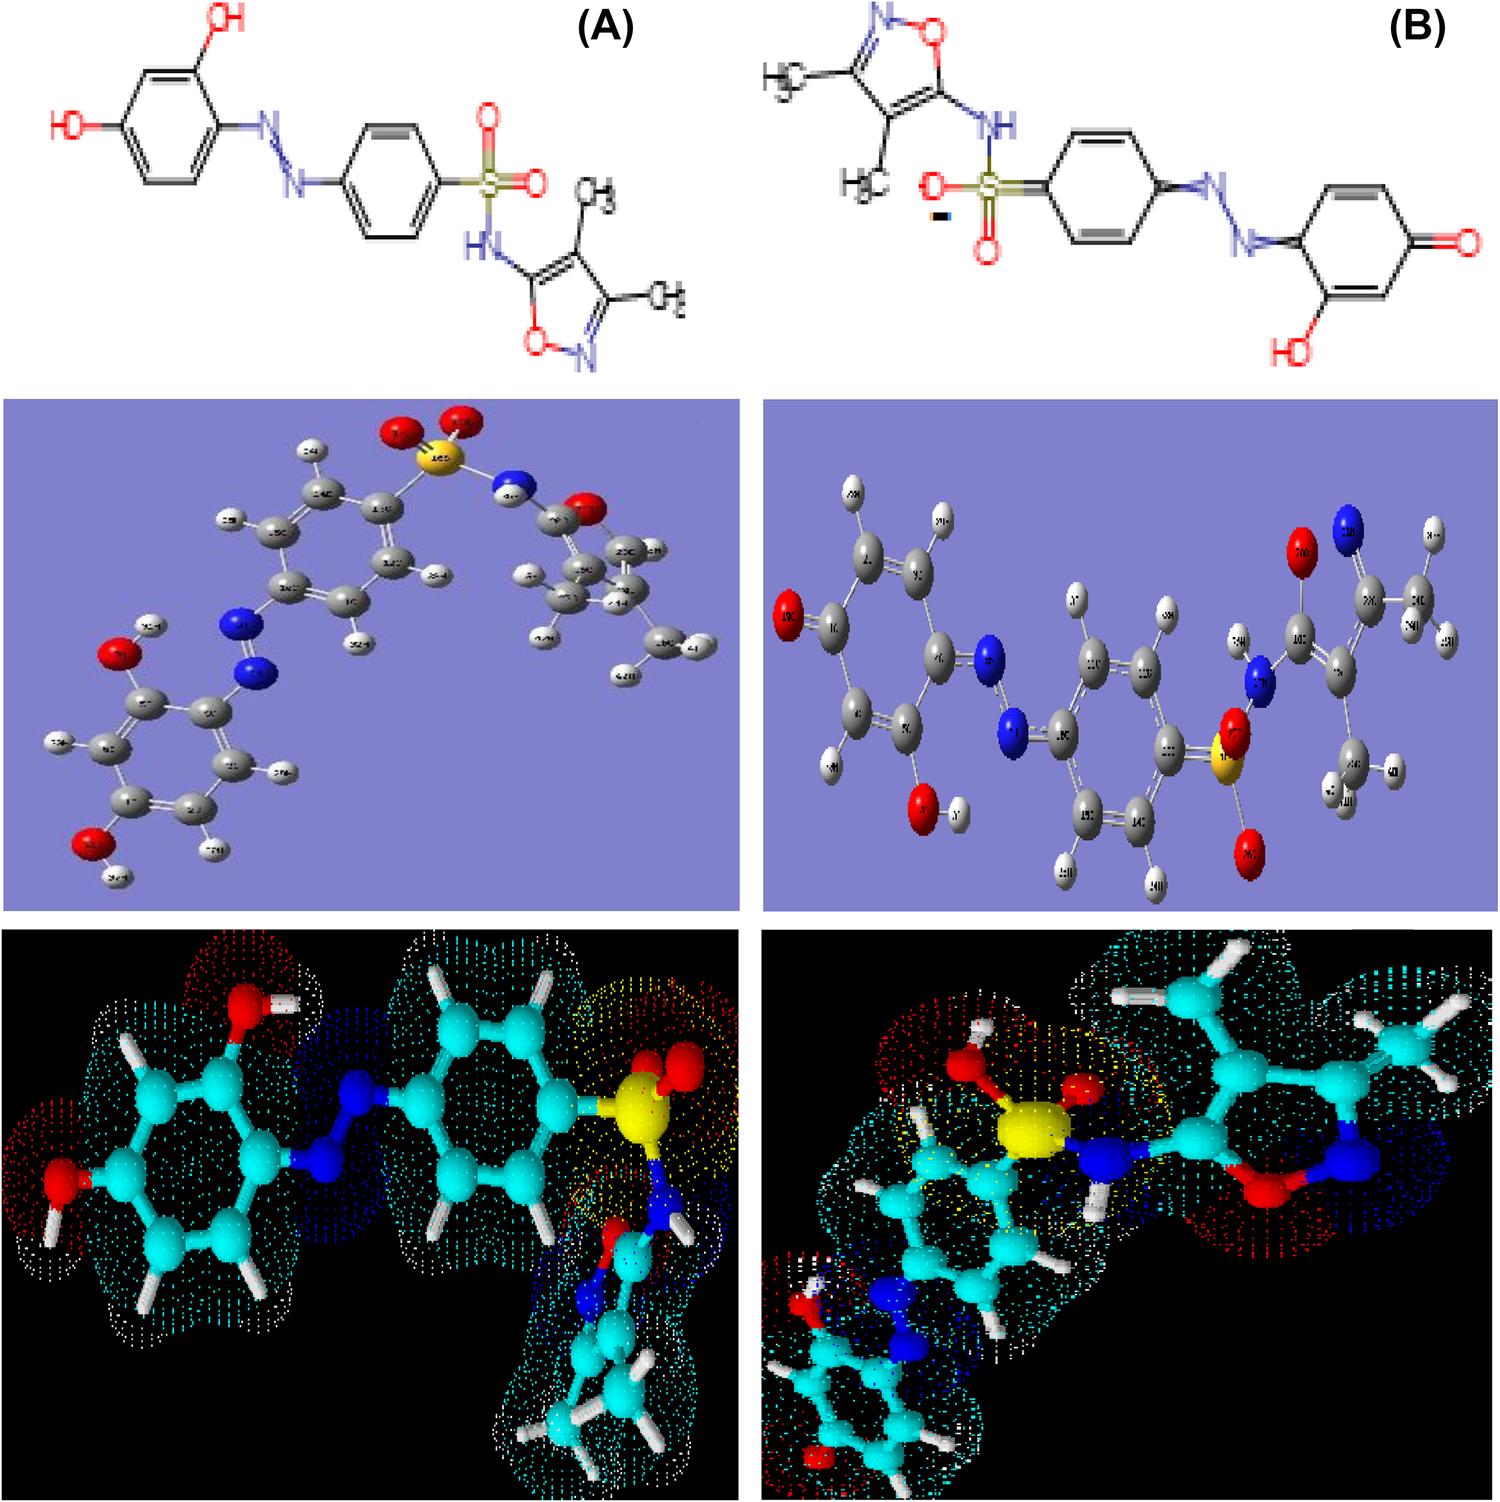 Novel Synthesized Benzesulfonamide Nanosized Complexes